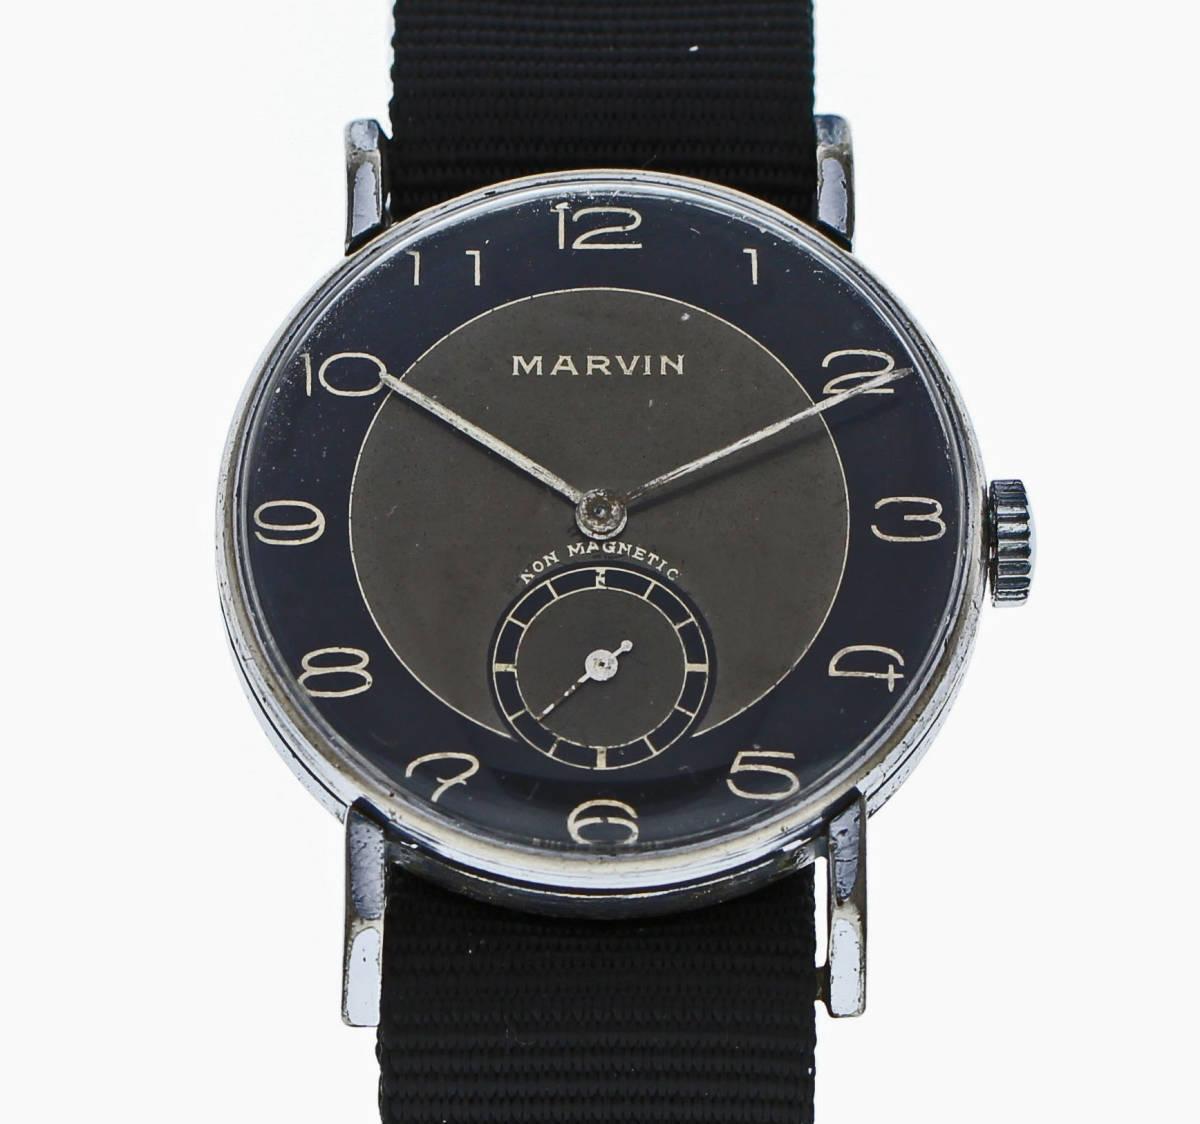 値下げ交渉あり!ヴィンテージ1930年代製MARVINマーヴィン手巻きウォッチ_画像1